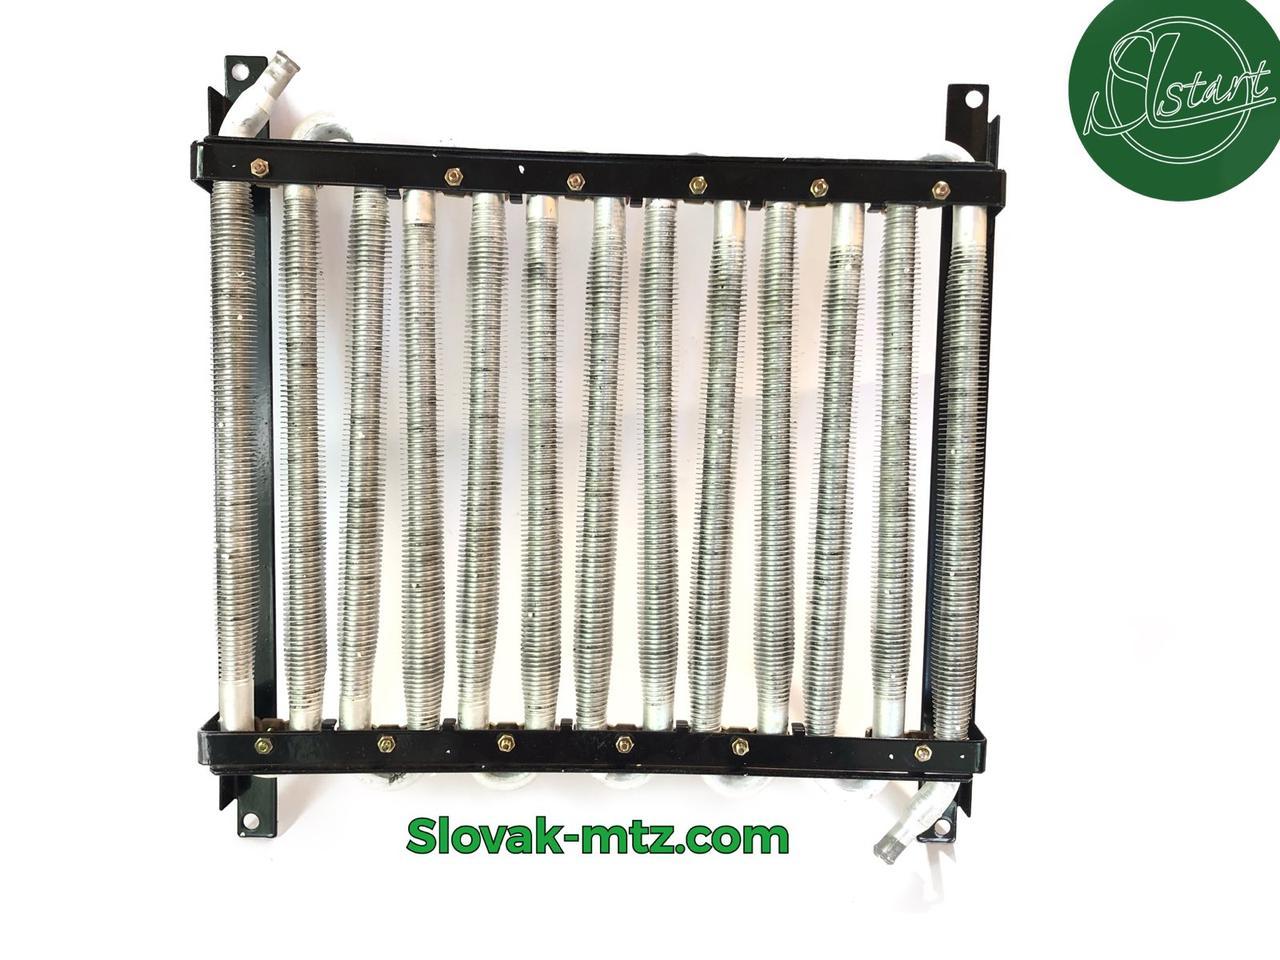 Радиатор масляный МТЗ 80,82 (змеевик) (производство Польша) 245-1405010А-01